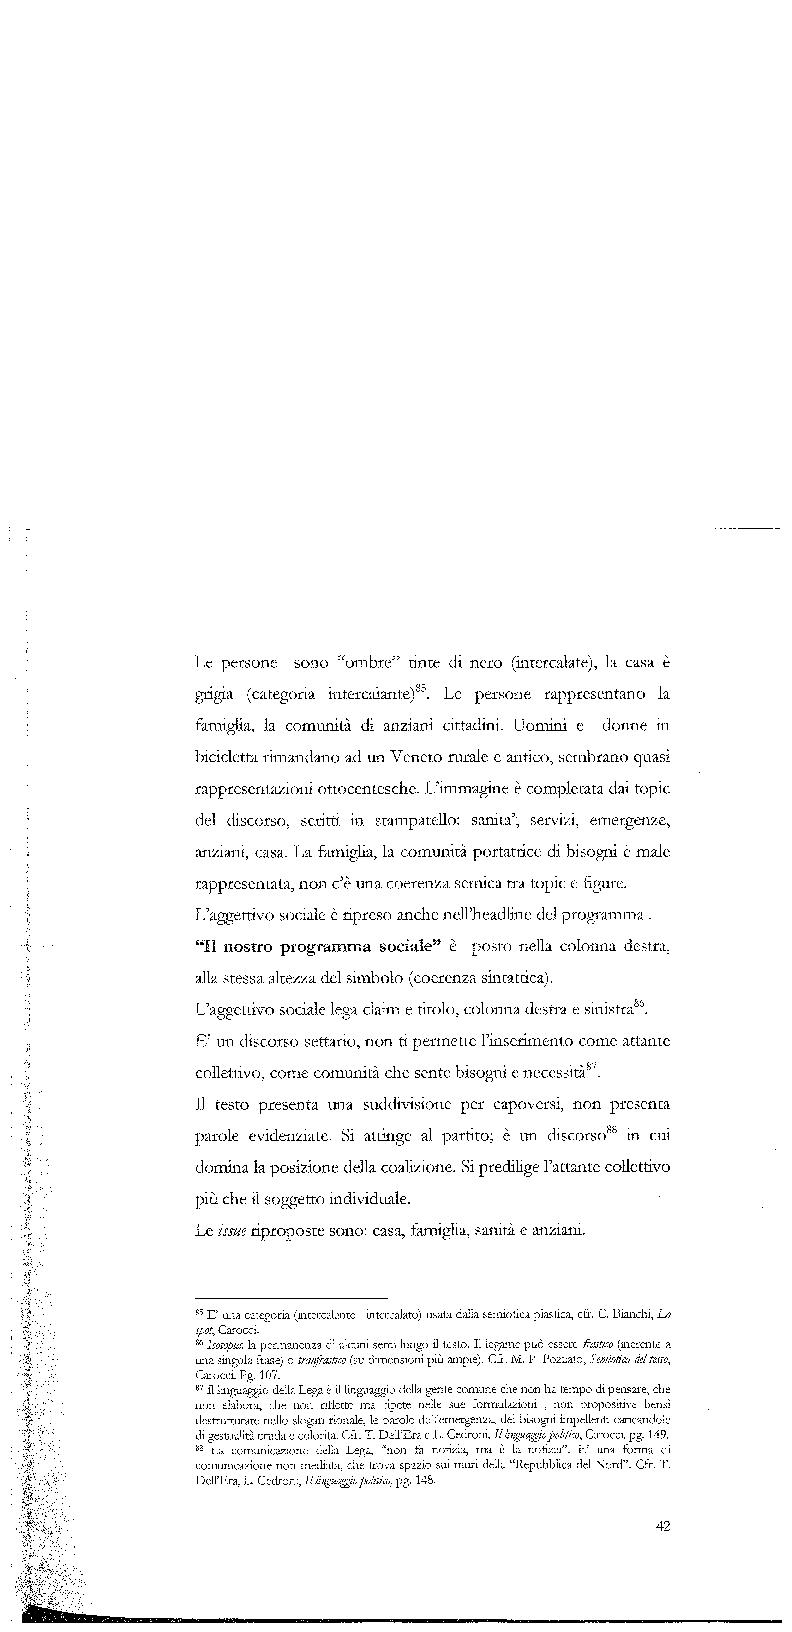 Anteprima della tesi: Strategie di persuasione elettorale durante le regionali 2005 in Veneto, Pagina 12